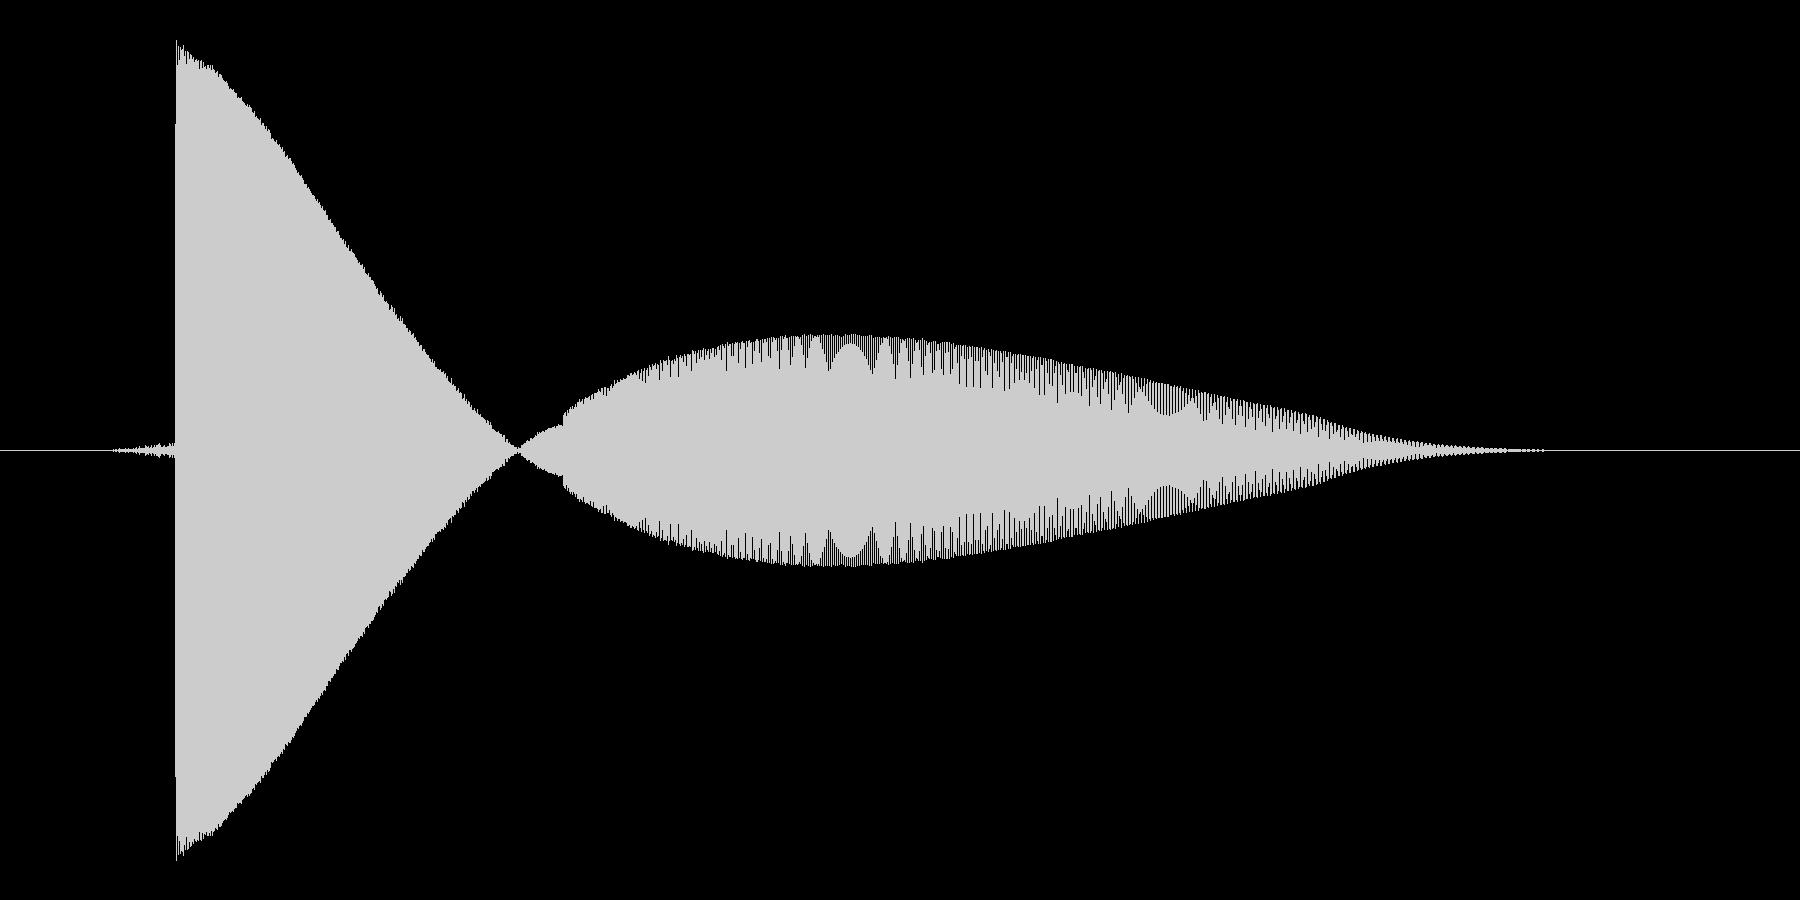 ゲーム(ファミコン風)レーザー音_029の未再生の波形